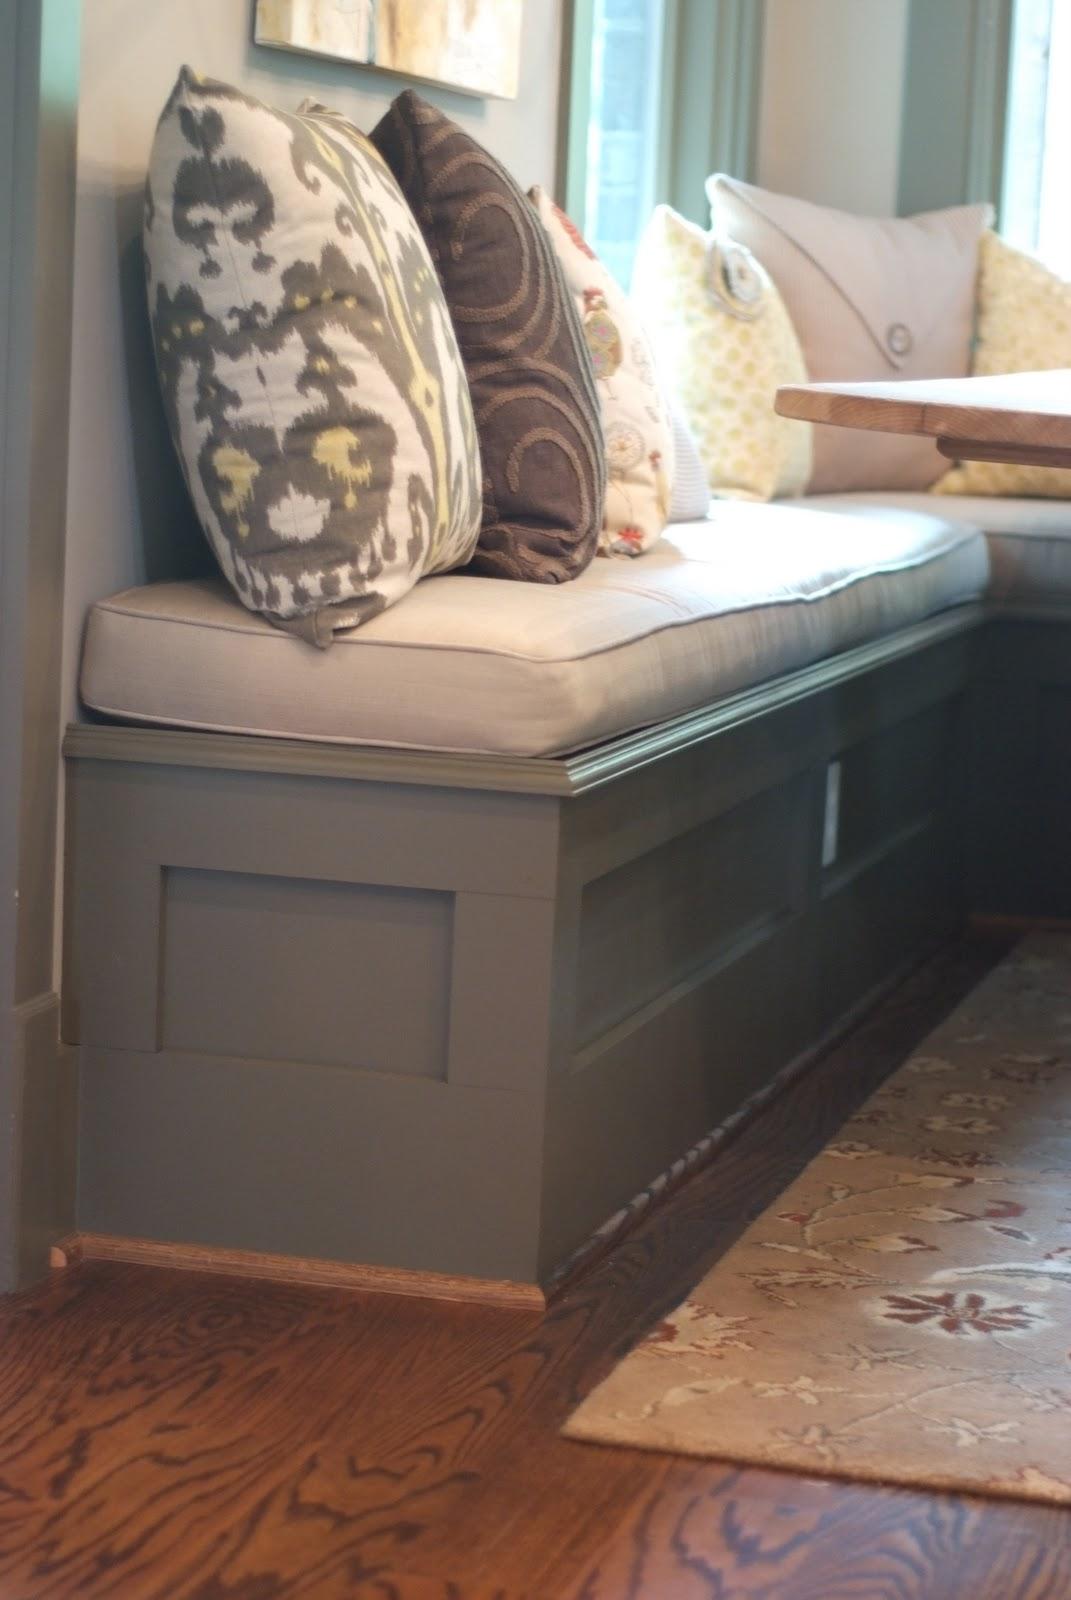 Kiwi Wood Werks & Designs: & Designs (custom breakfast nook bench)